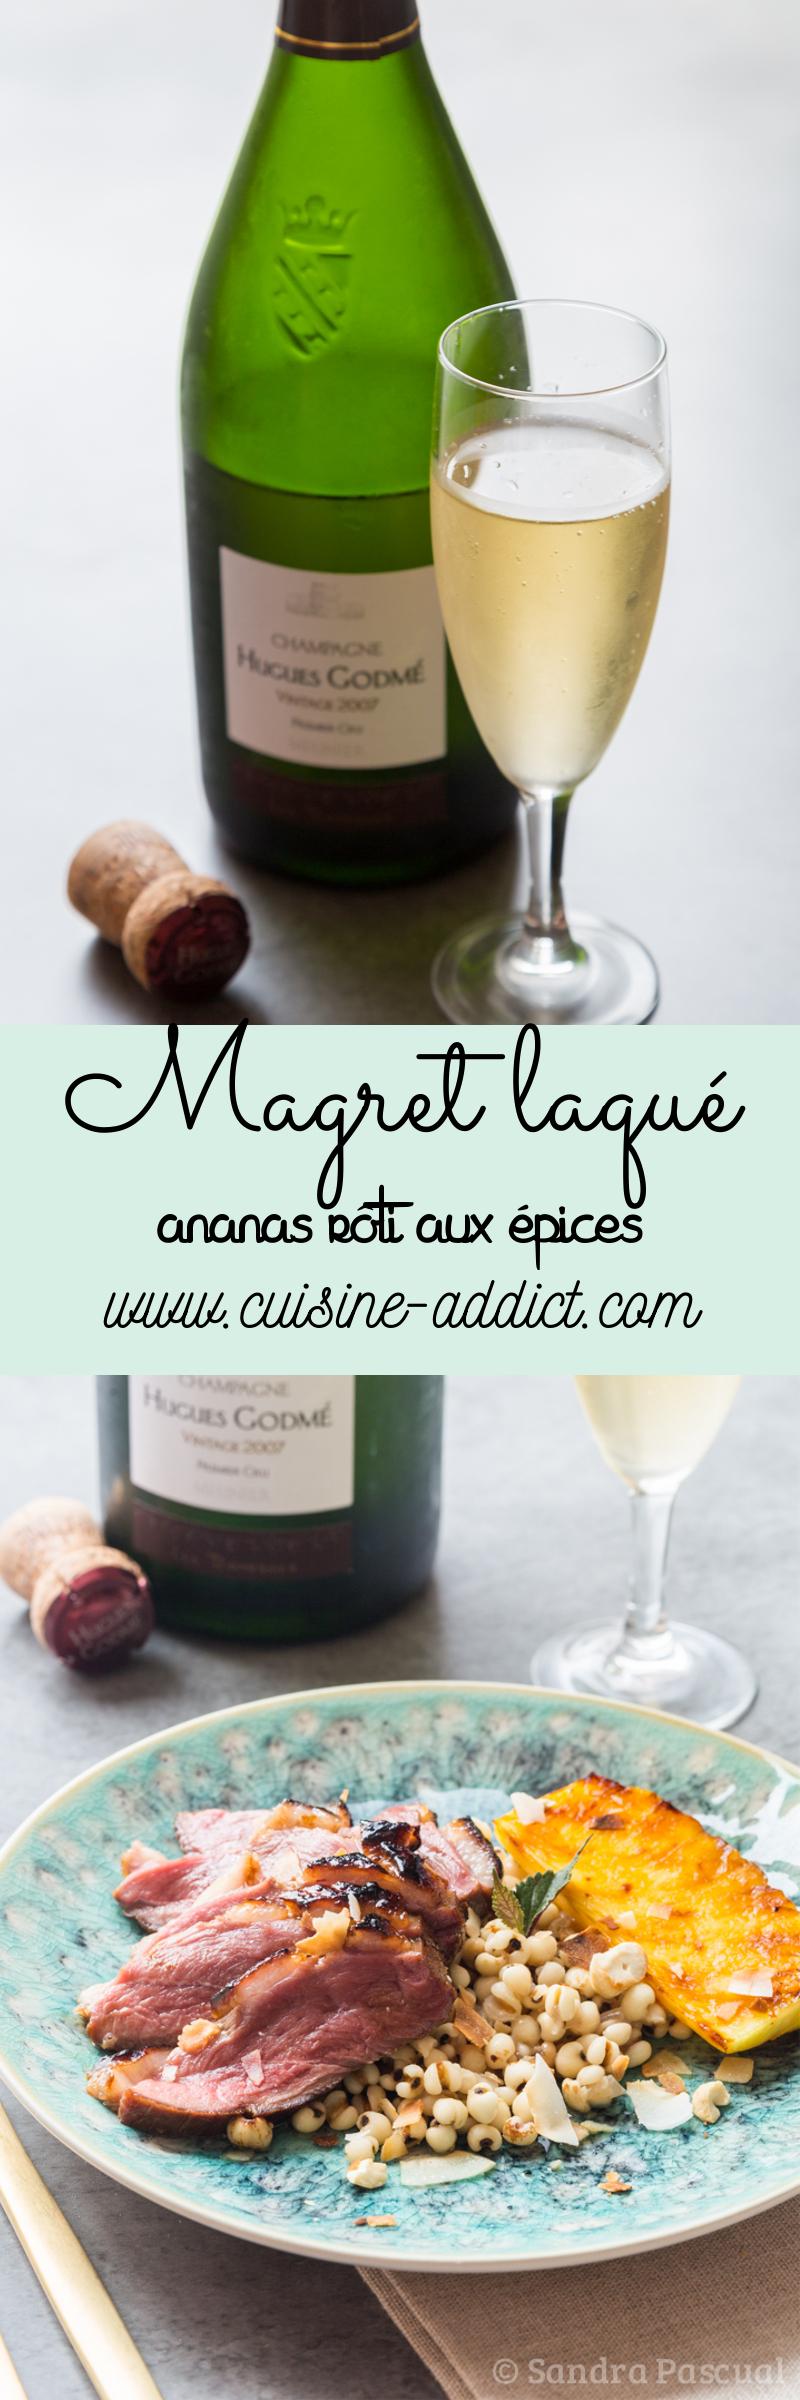 Magret de canard mariné aux saveurs asiatiques, ananas rôti aux épices & orge perlé {Concours Champagne en Cuisine}